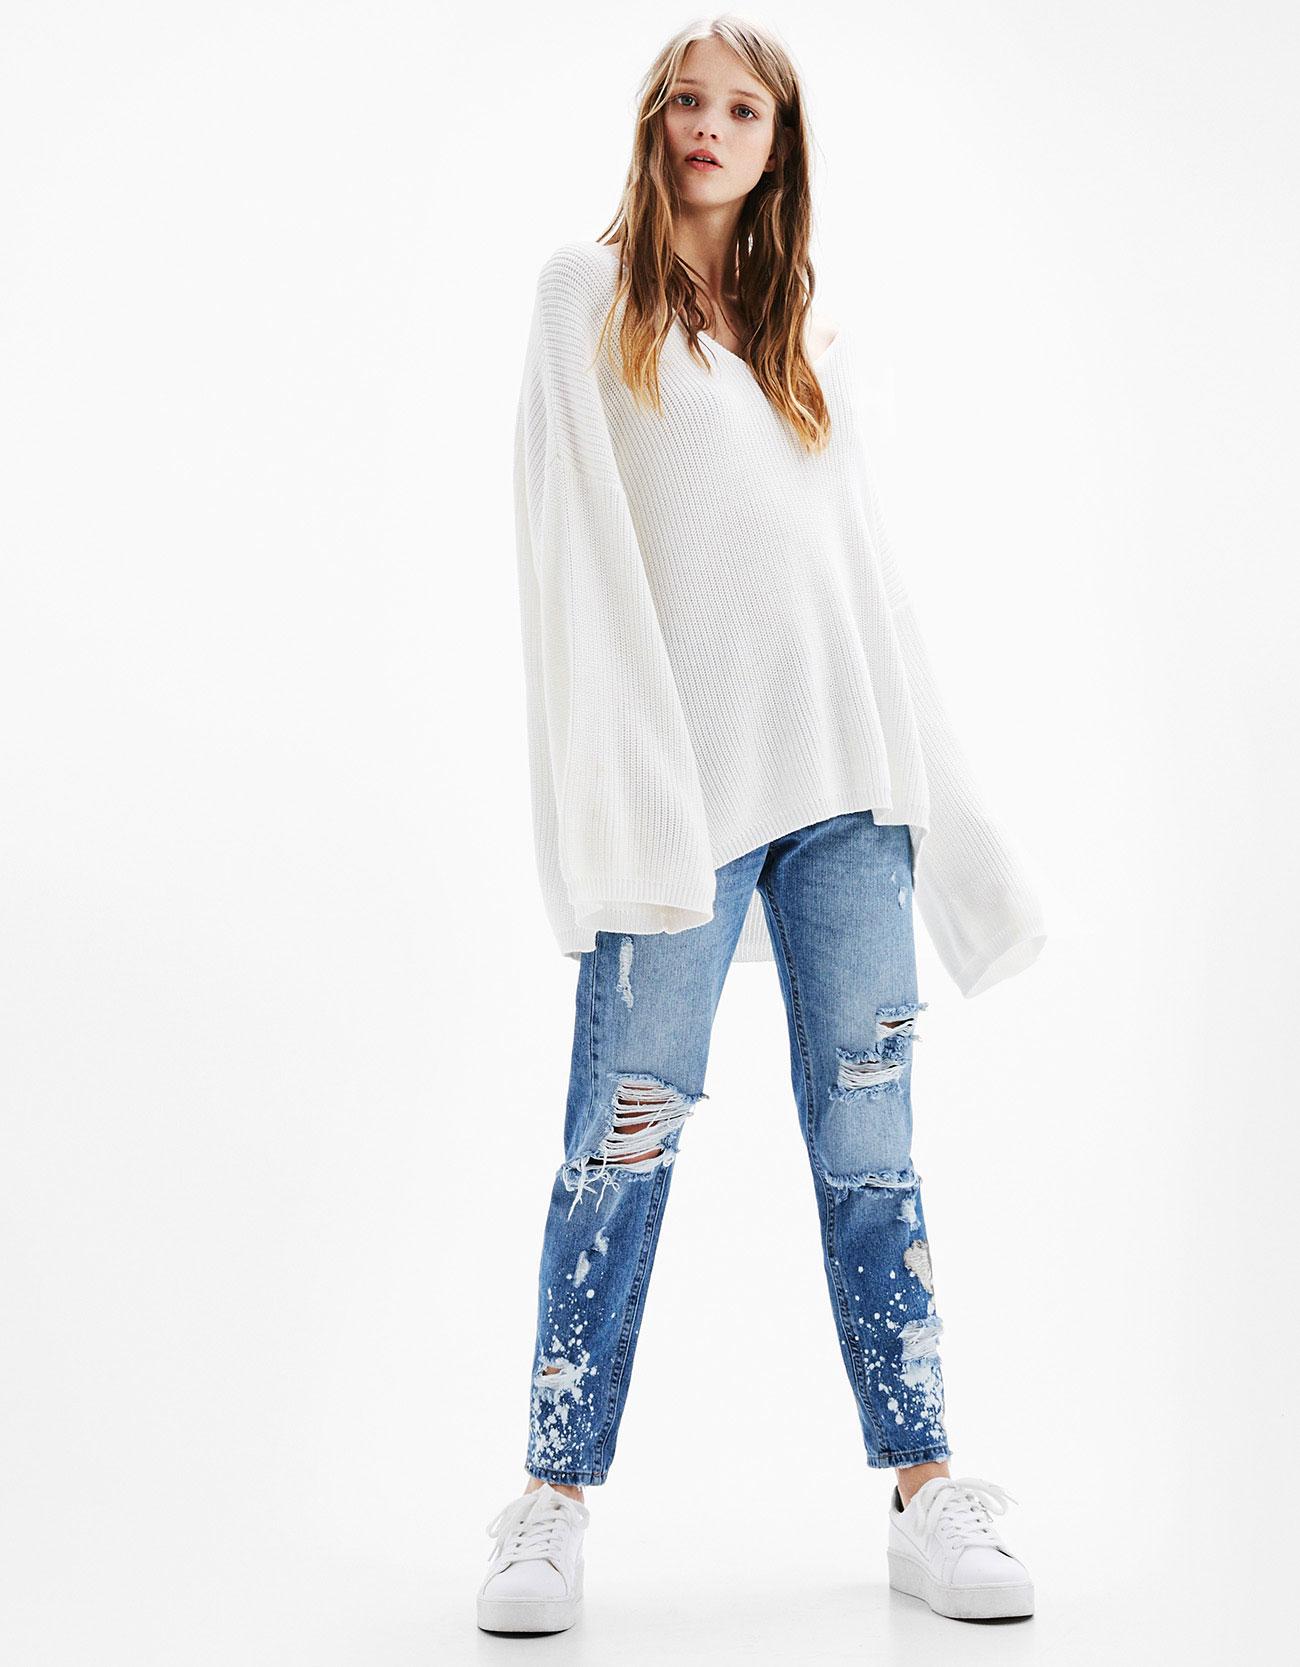 Bleach-stained slim-fit ripped boyfriend jeans - Jeans - Bershka ...